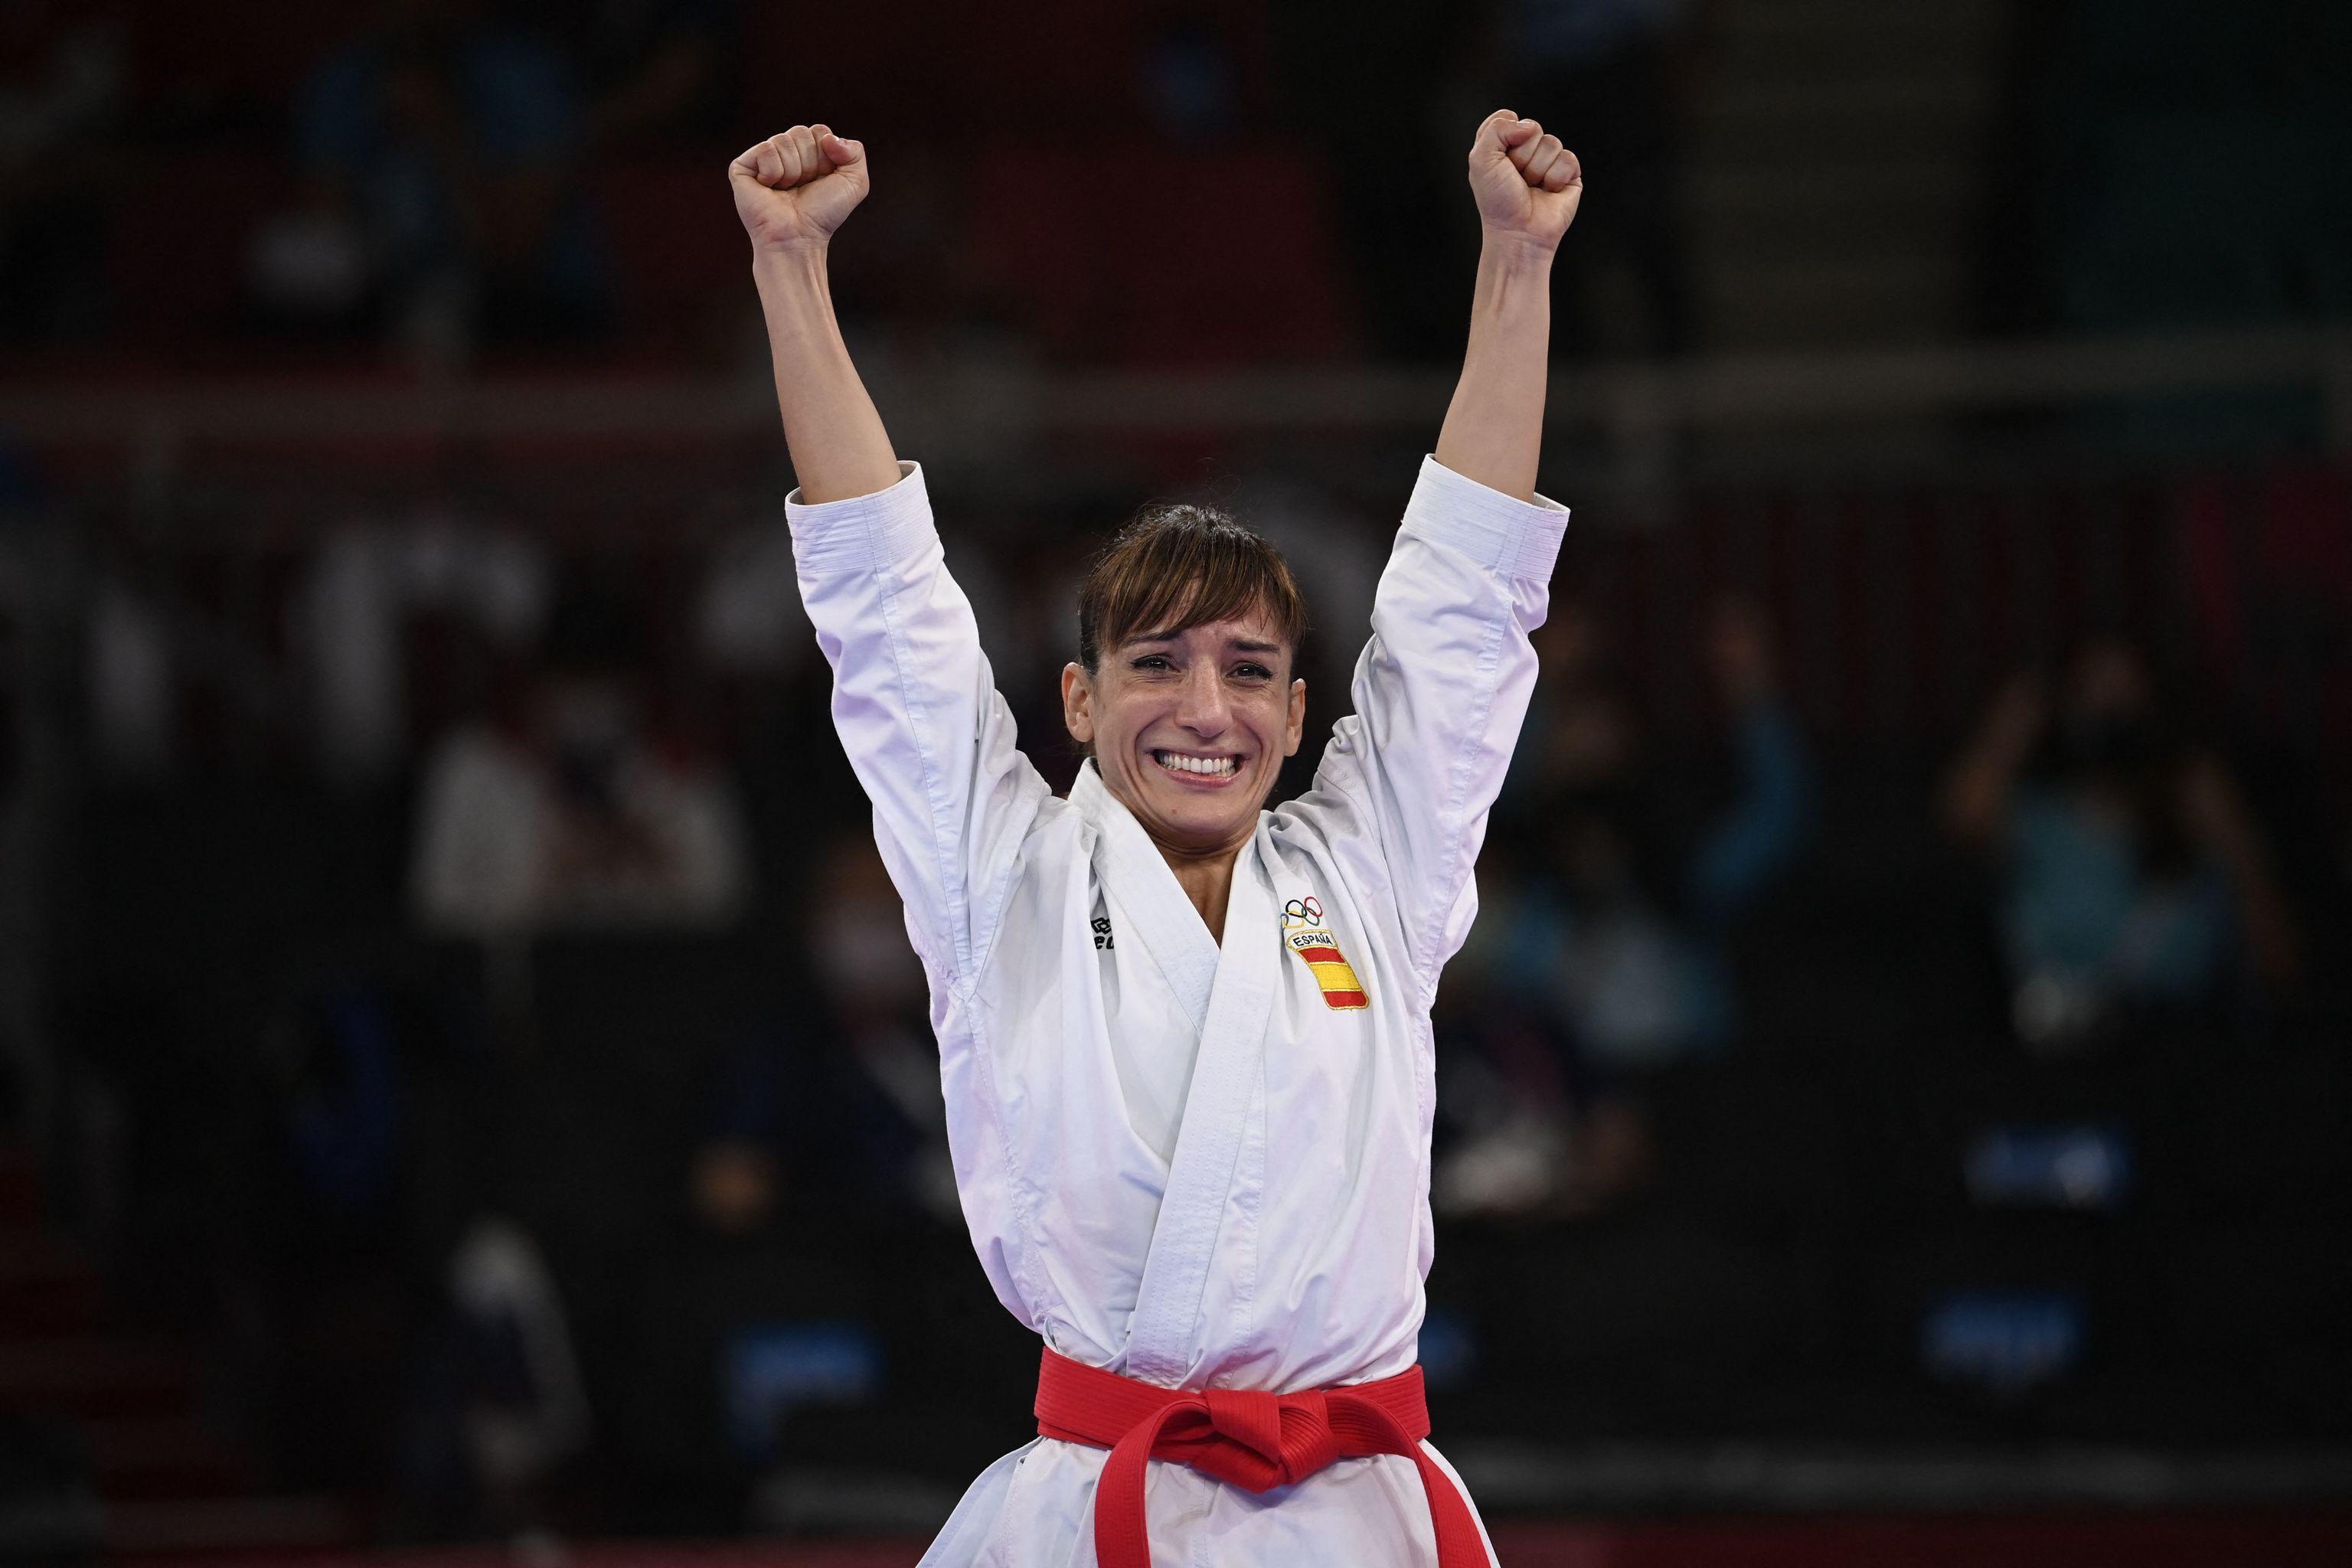 Sandra Sánchez - karate - Juegos Olímpicos 2021 - Tokio 2020